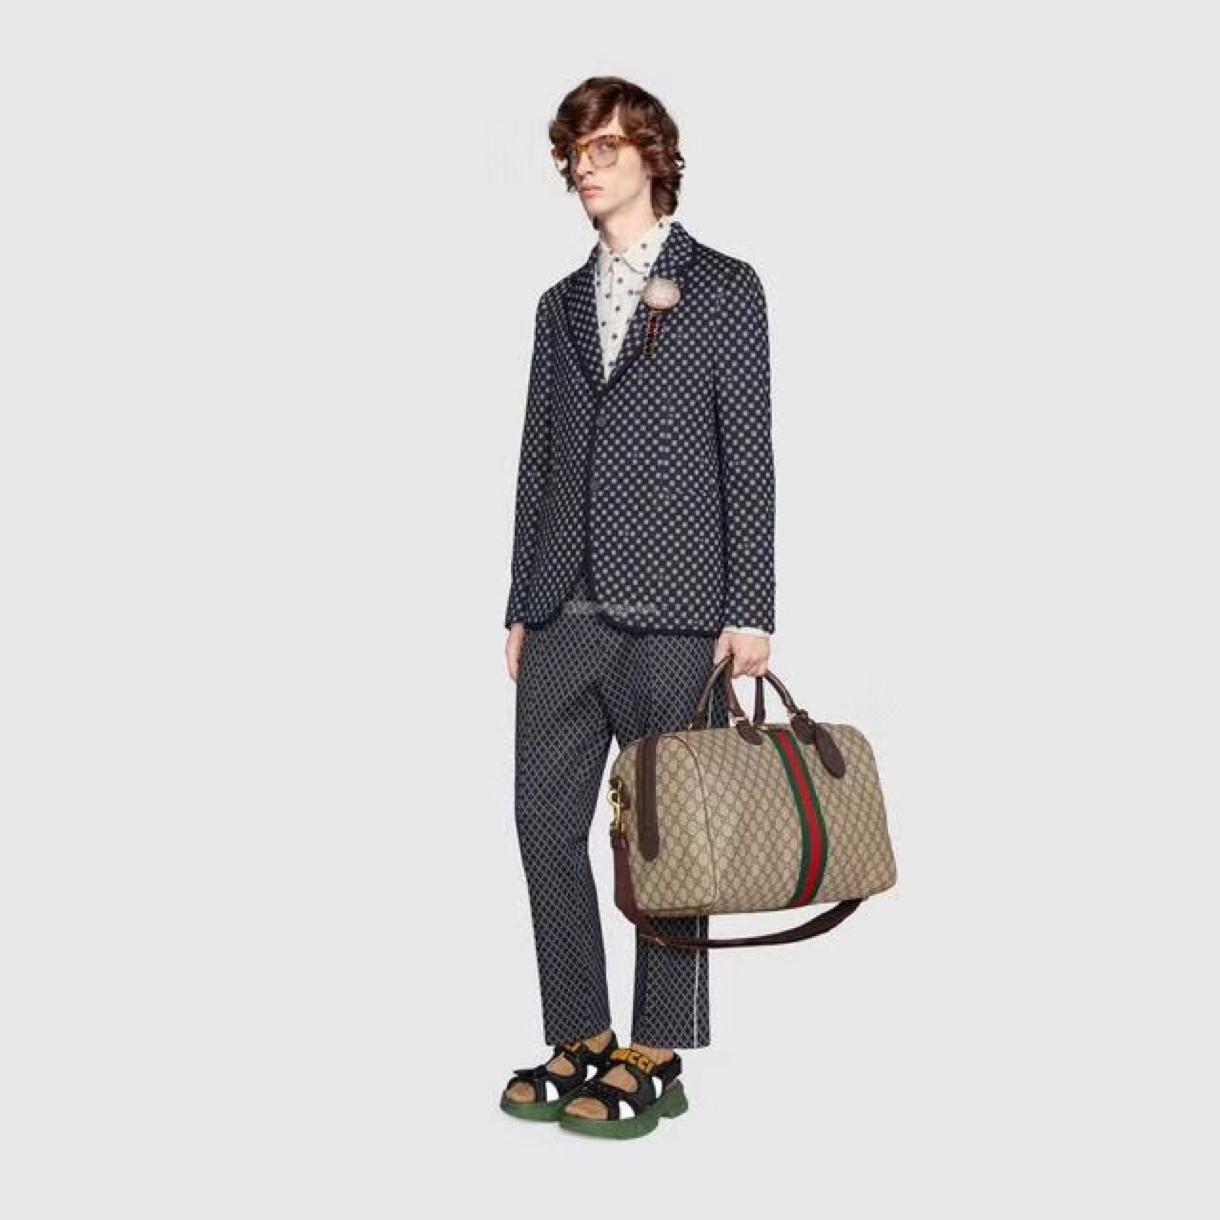 2020 Moda de asas marrón bolsas de función de varios hombres monederos de los bolsos de alta calidad bolsa de mano Negro francés de lona unisex de las mujeres 010502 010607